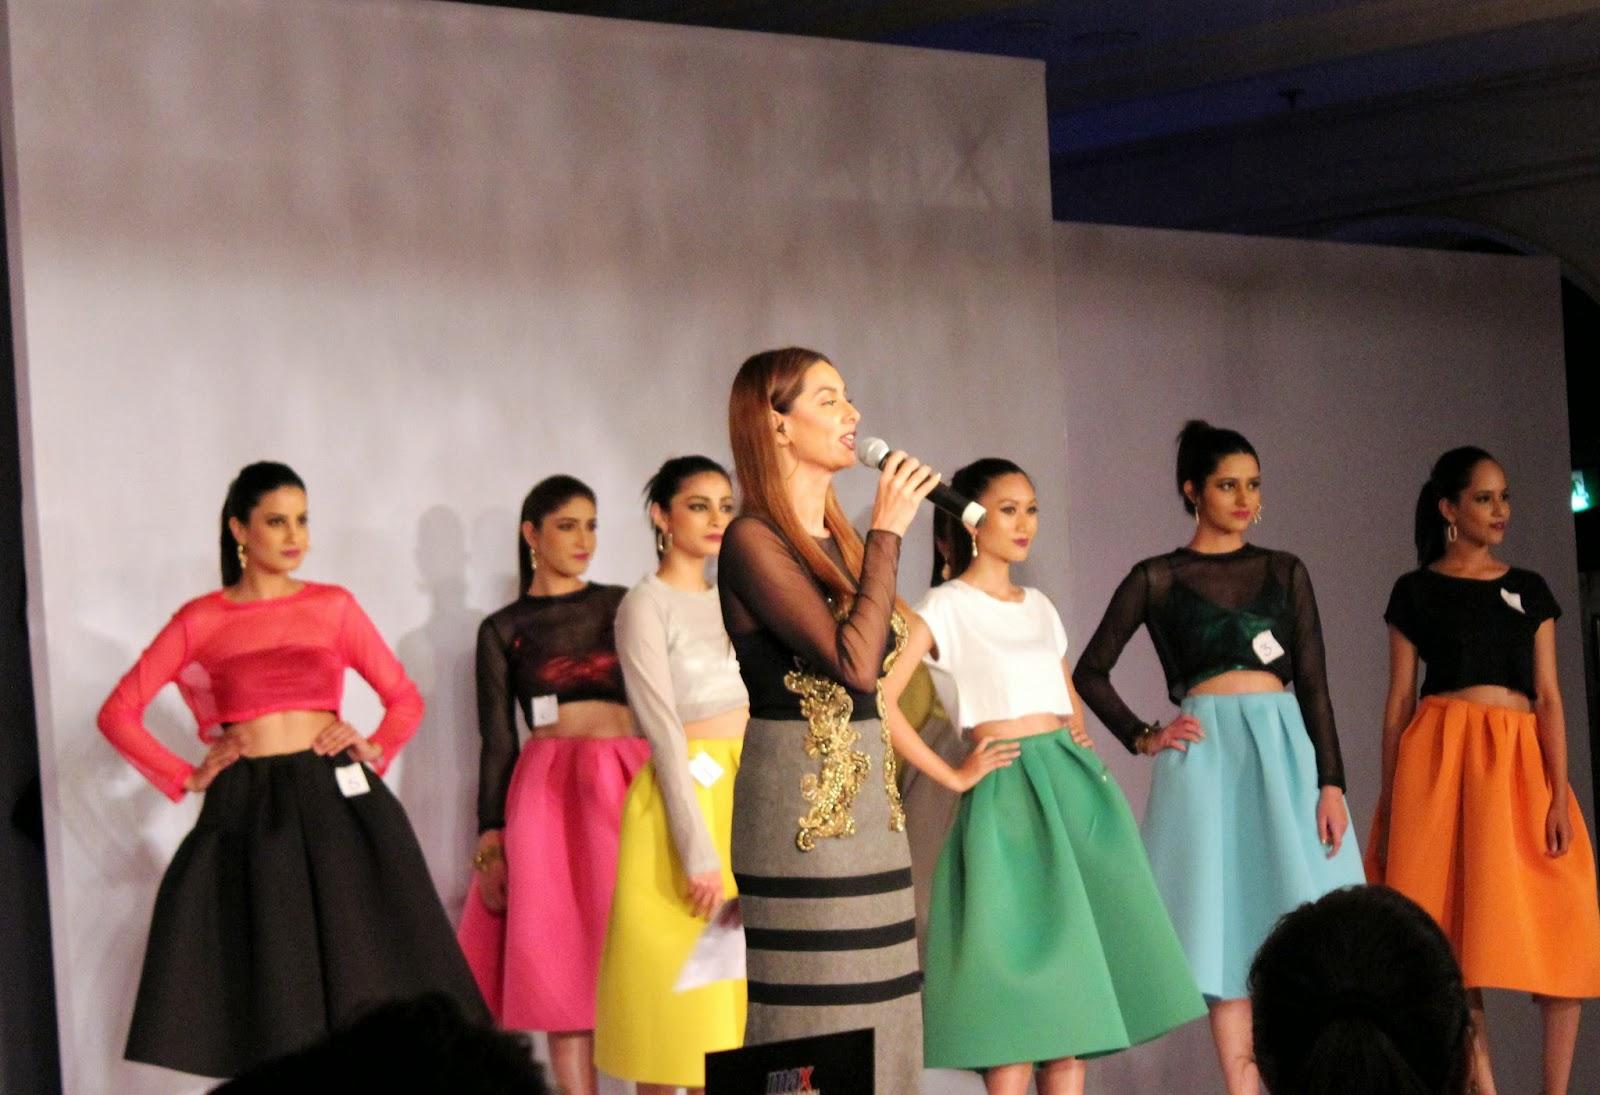 Shibani Dandekar - MAX Fashion Icon 2014 In Collaboration  With Cosmopolitan Magazine Grand Finale - All Pictures, Uncut Version